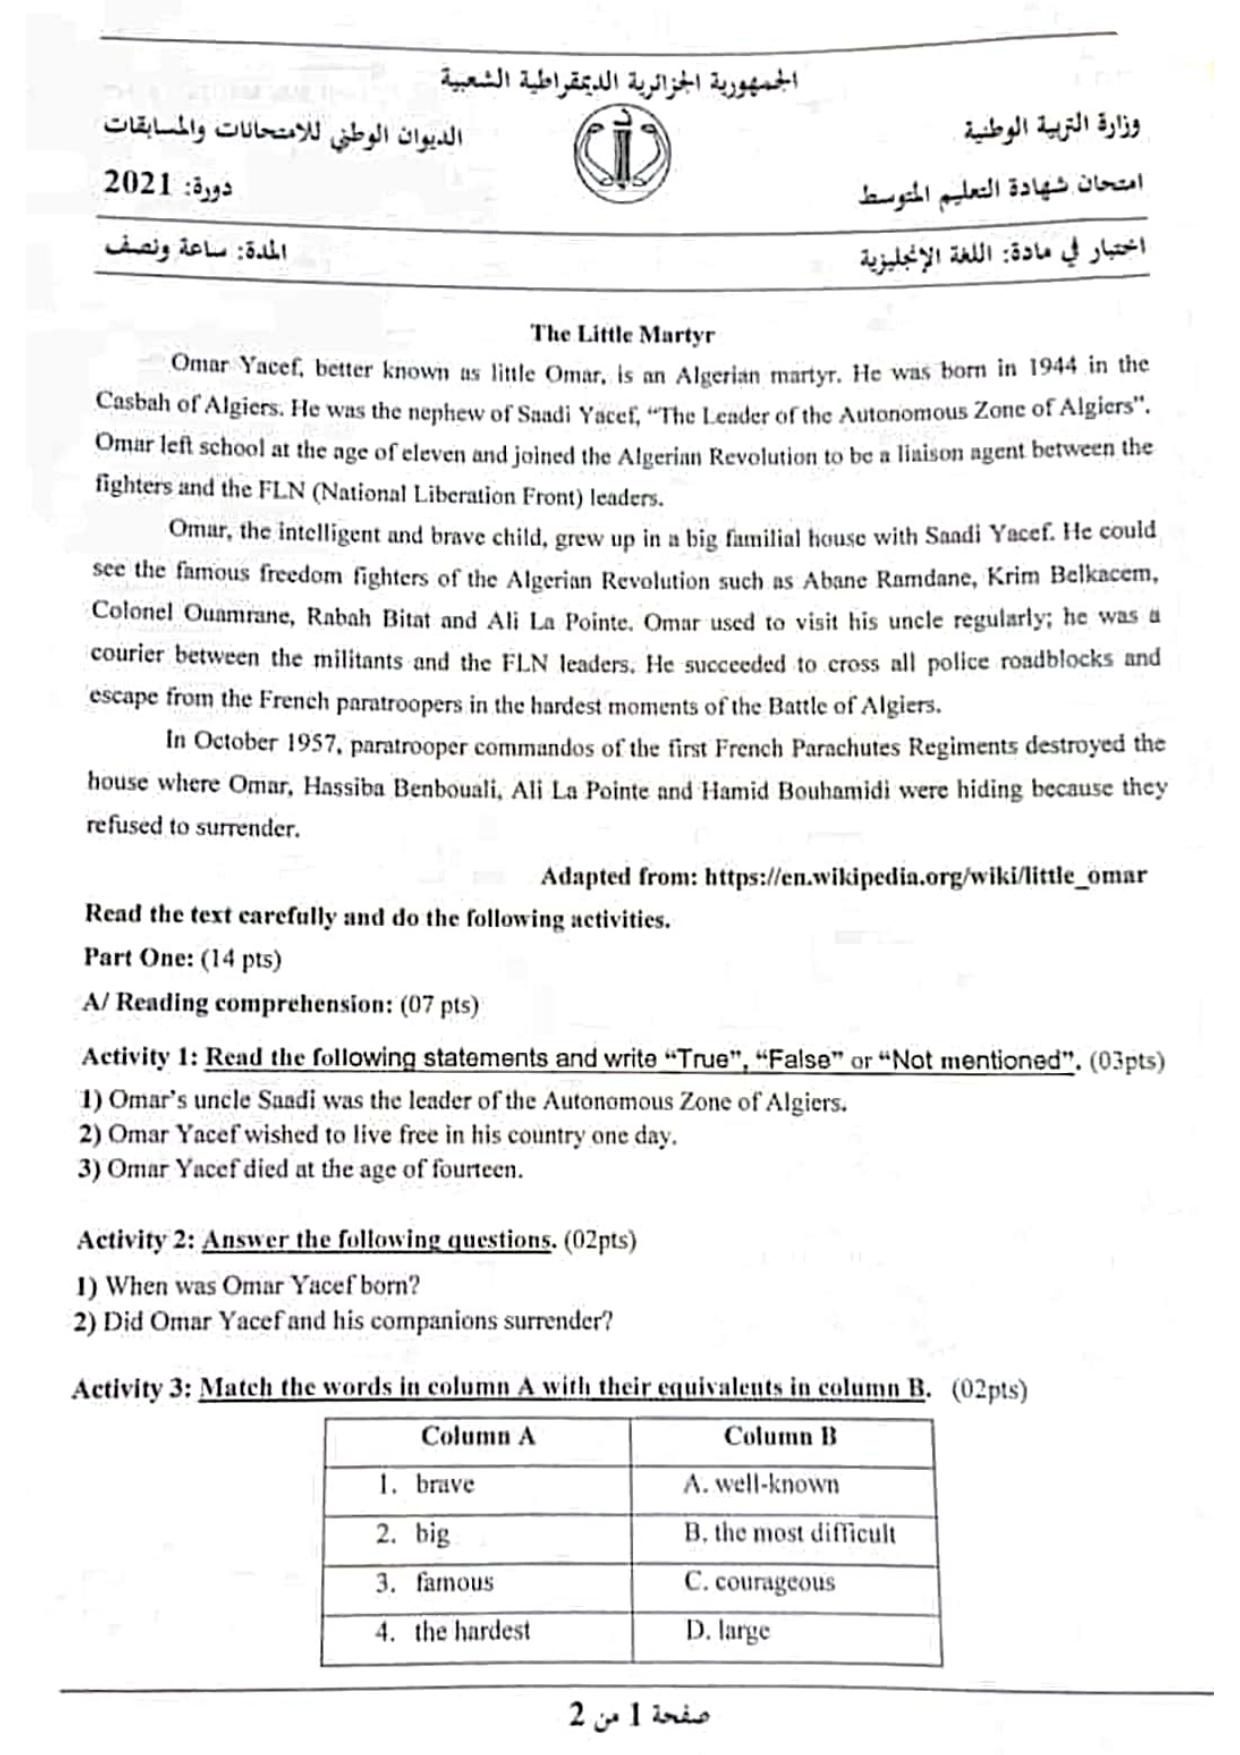 موضوع اللغة الانجليزية شهادة التعليم المتوسط 2021 bem